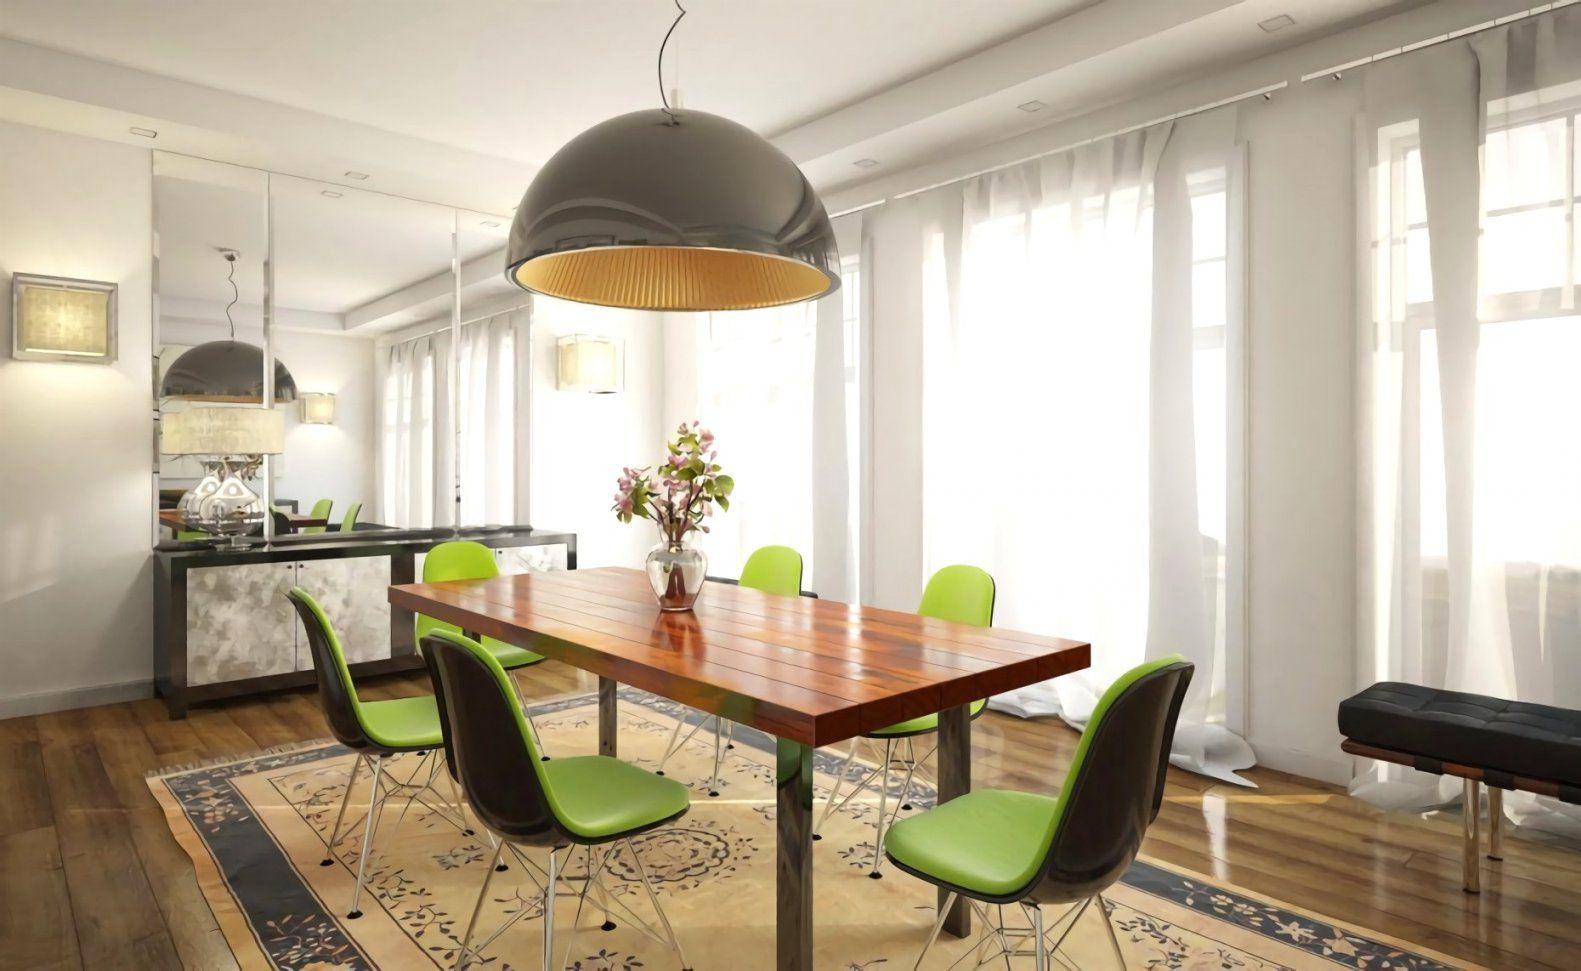 Interessant Moderne Stuhle Fur Esszimmer Dekoration Pdk Wunderbare von Schöne Bilder Fürs Esszimmer Bild